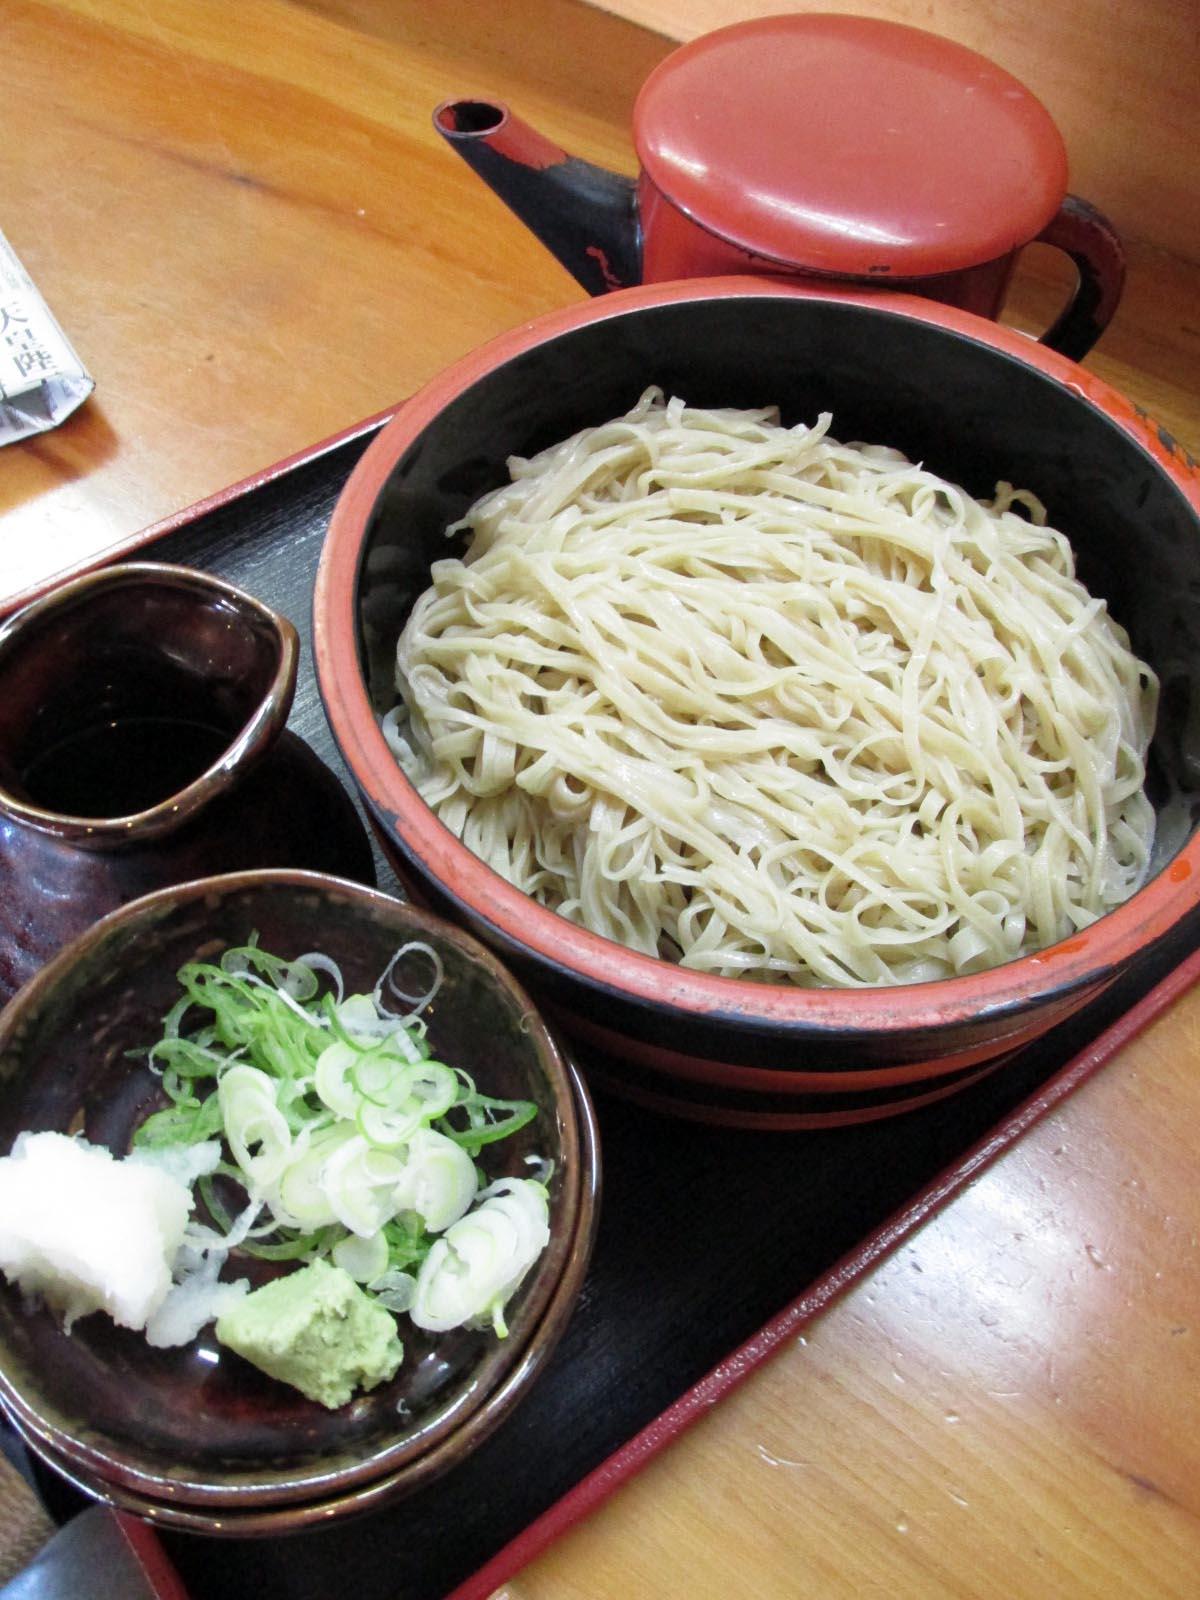 登美ちゃんが、ゆく!: もり蕎麦!東御市 ふるさとの草笛 ⑩